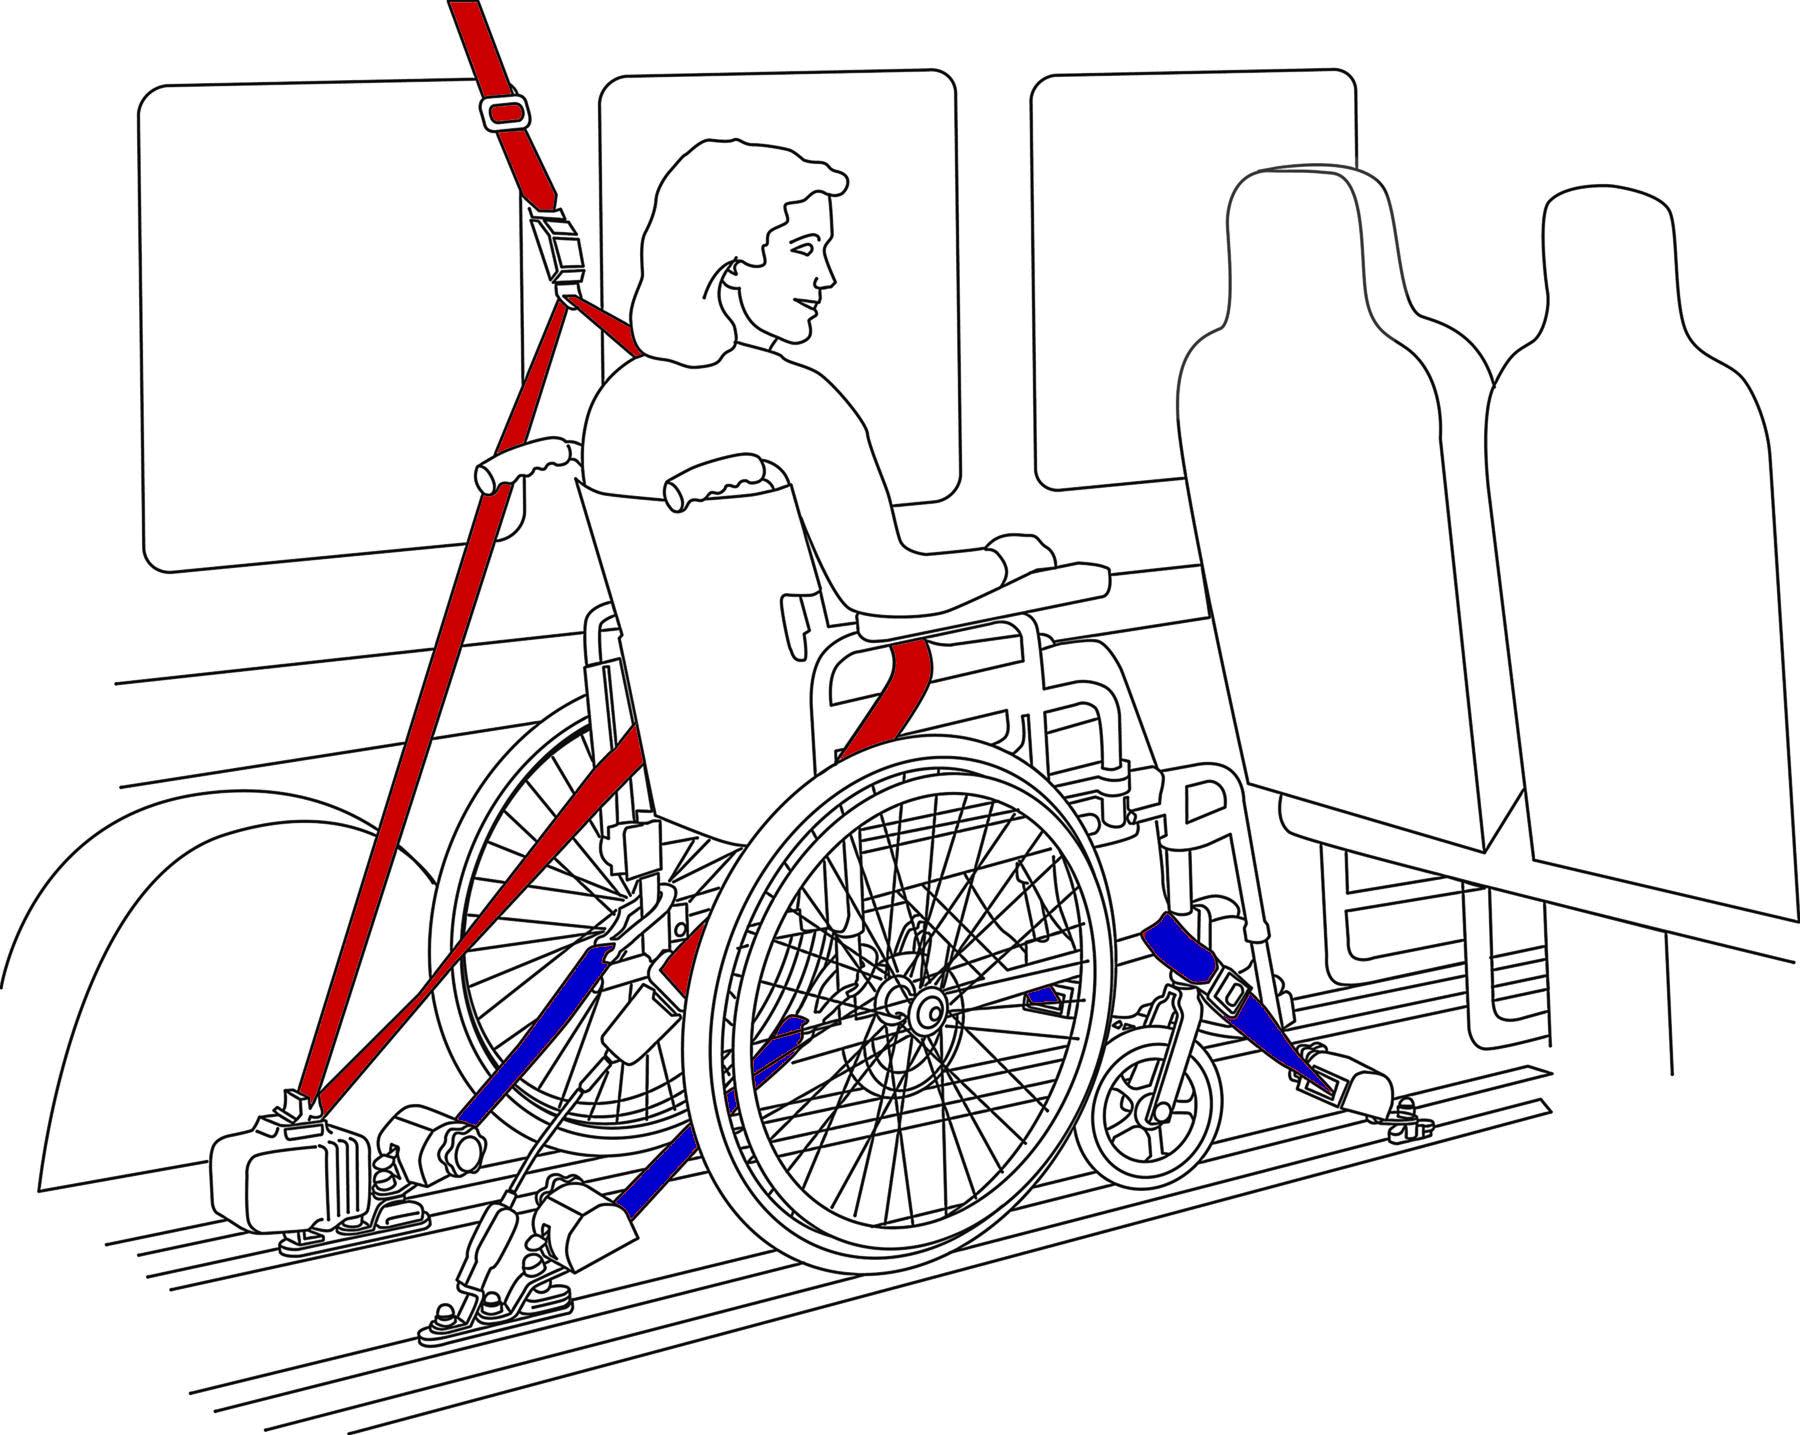 Arrimage fauteuil roulant véhicule handicapé TPMR Arrimage fauteuil roulant arrimage occupant